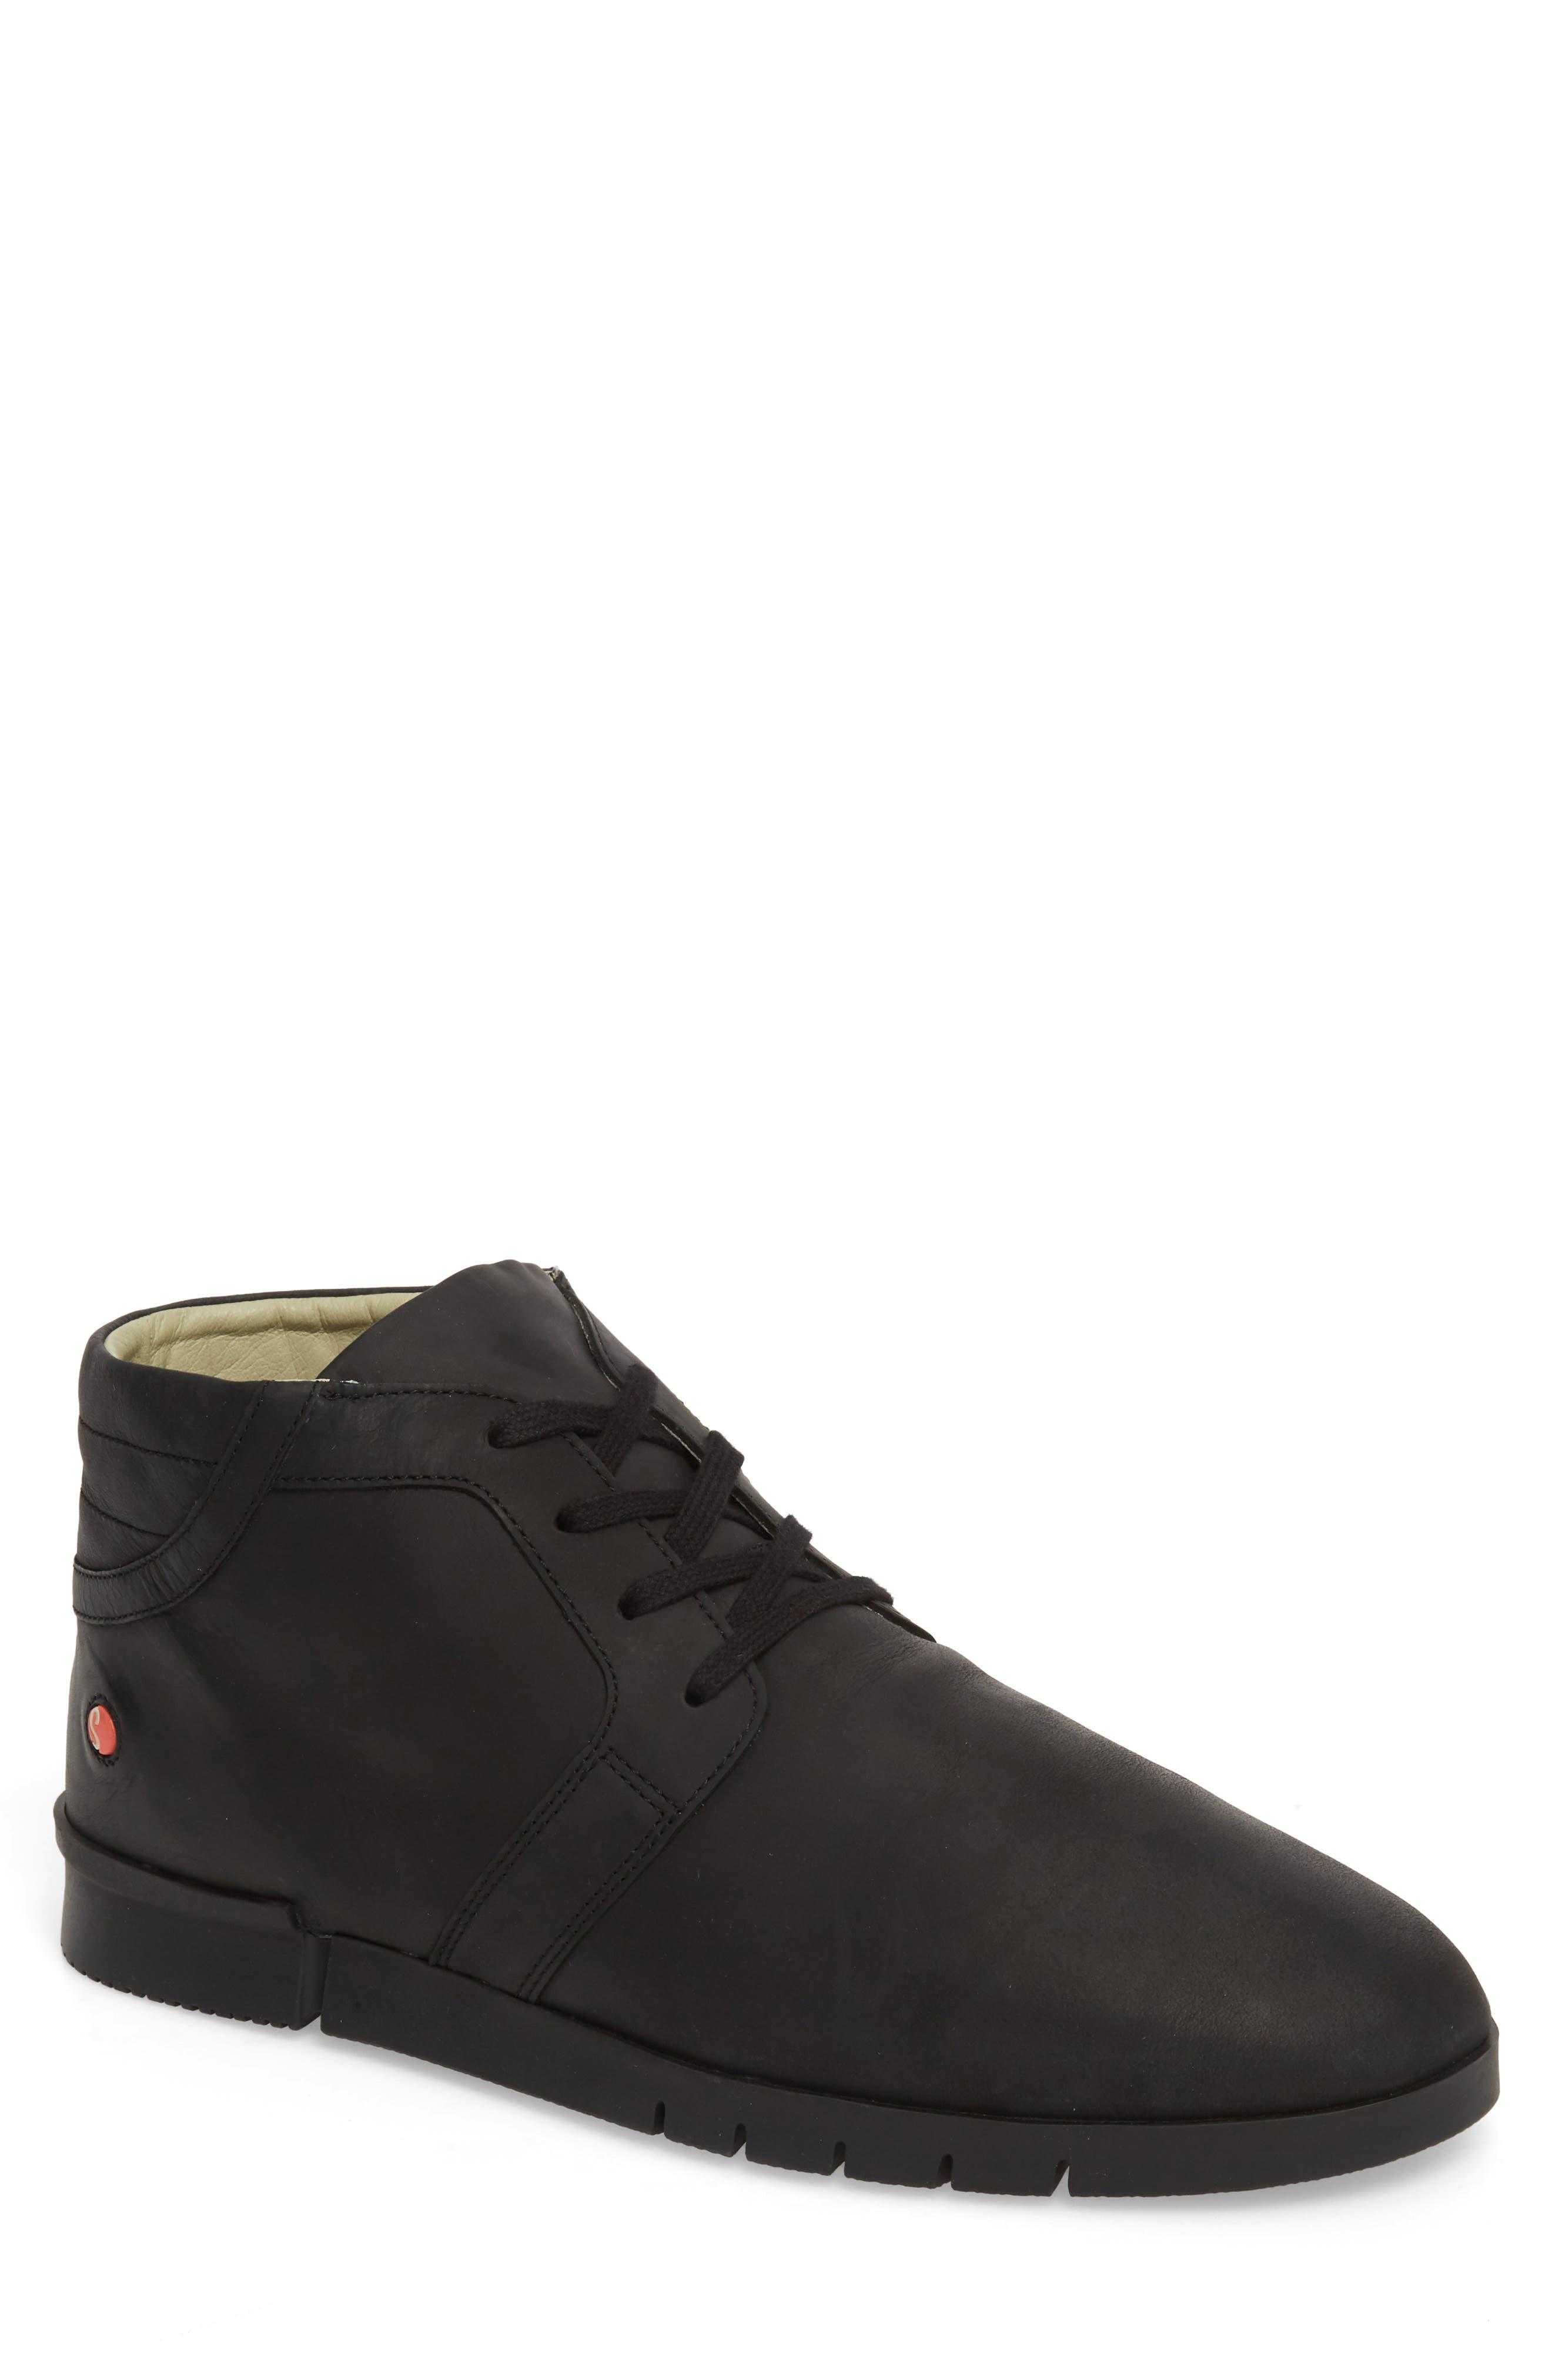 Cul Boot,                         Main,                         color, Black Corgi Leather